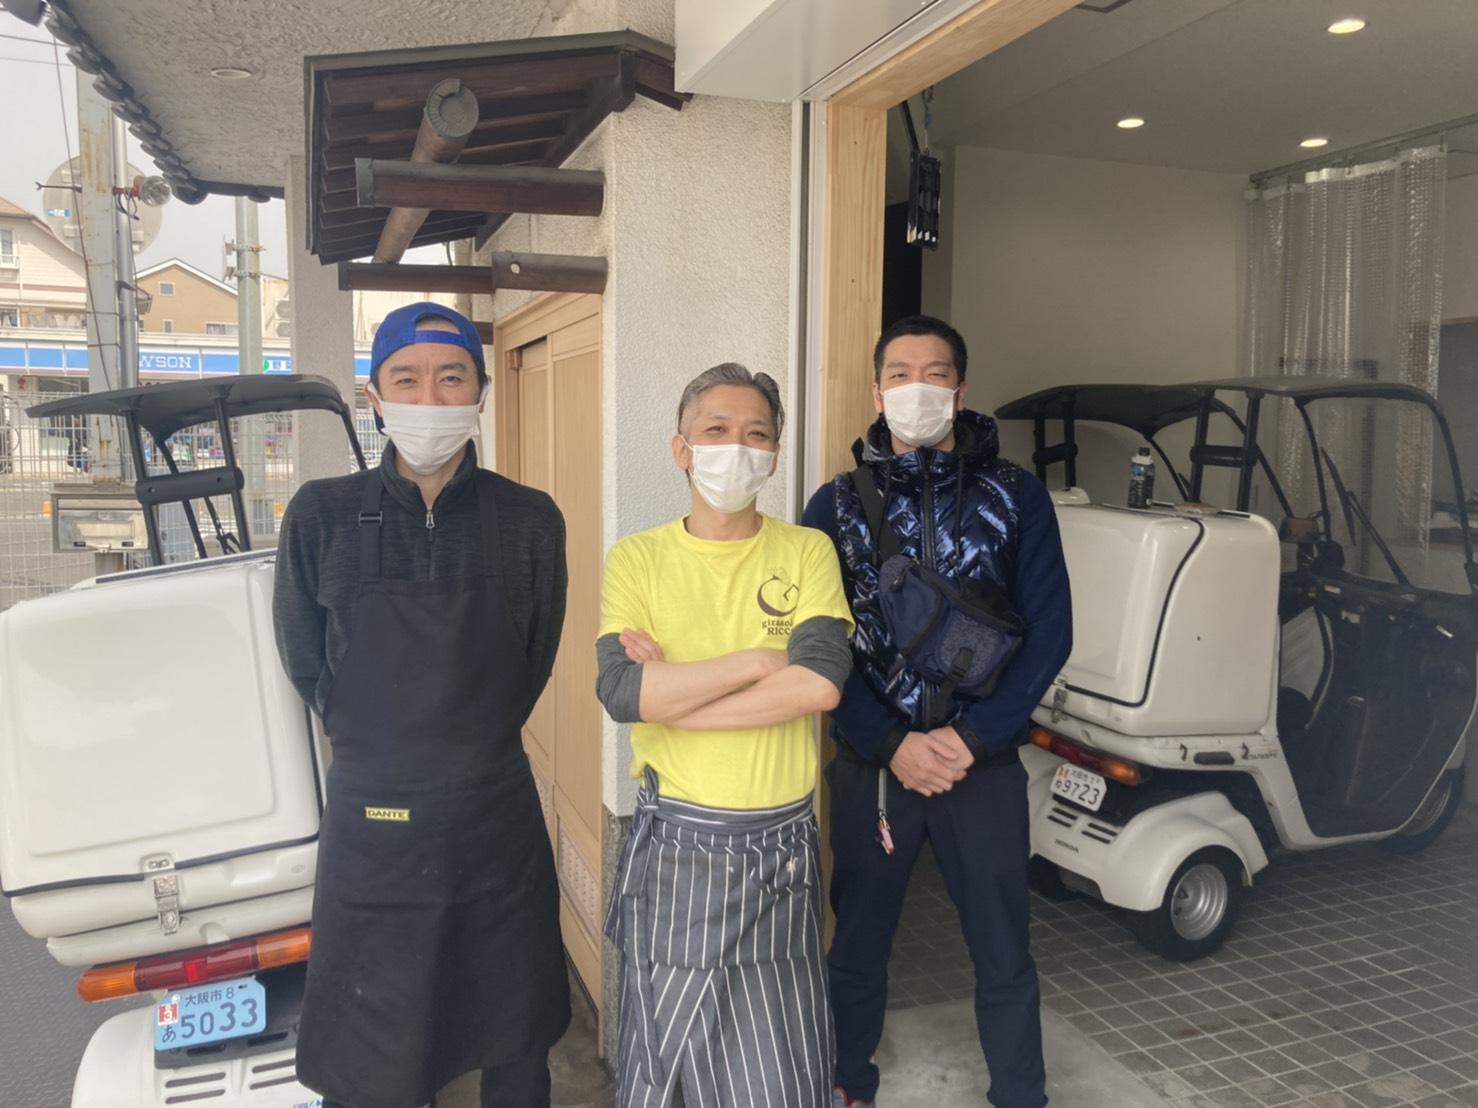 【新店舗】TGALデリバリー寝屋川店が3月26日にオープン致しました。